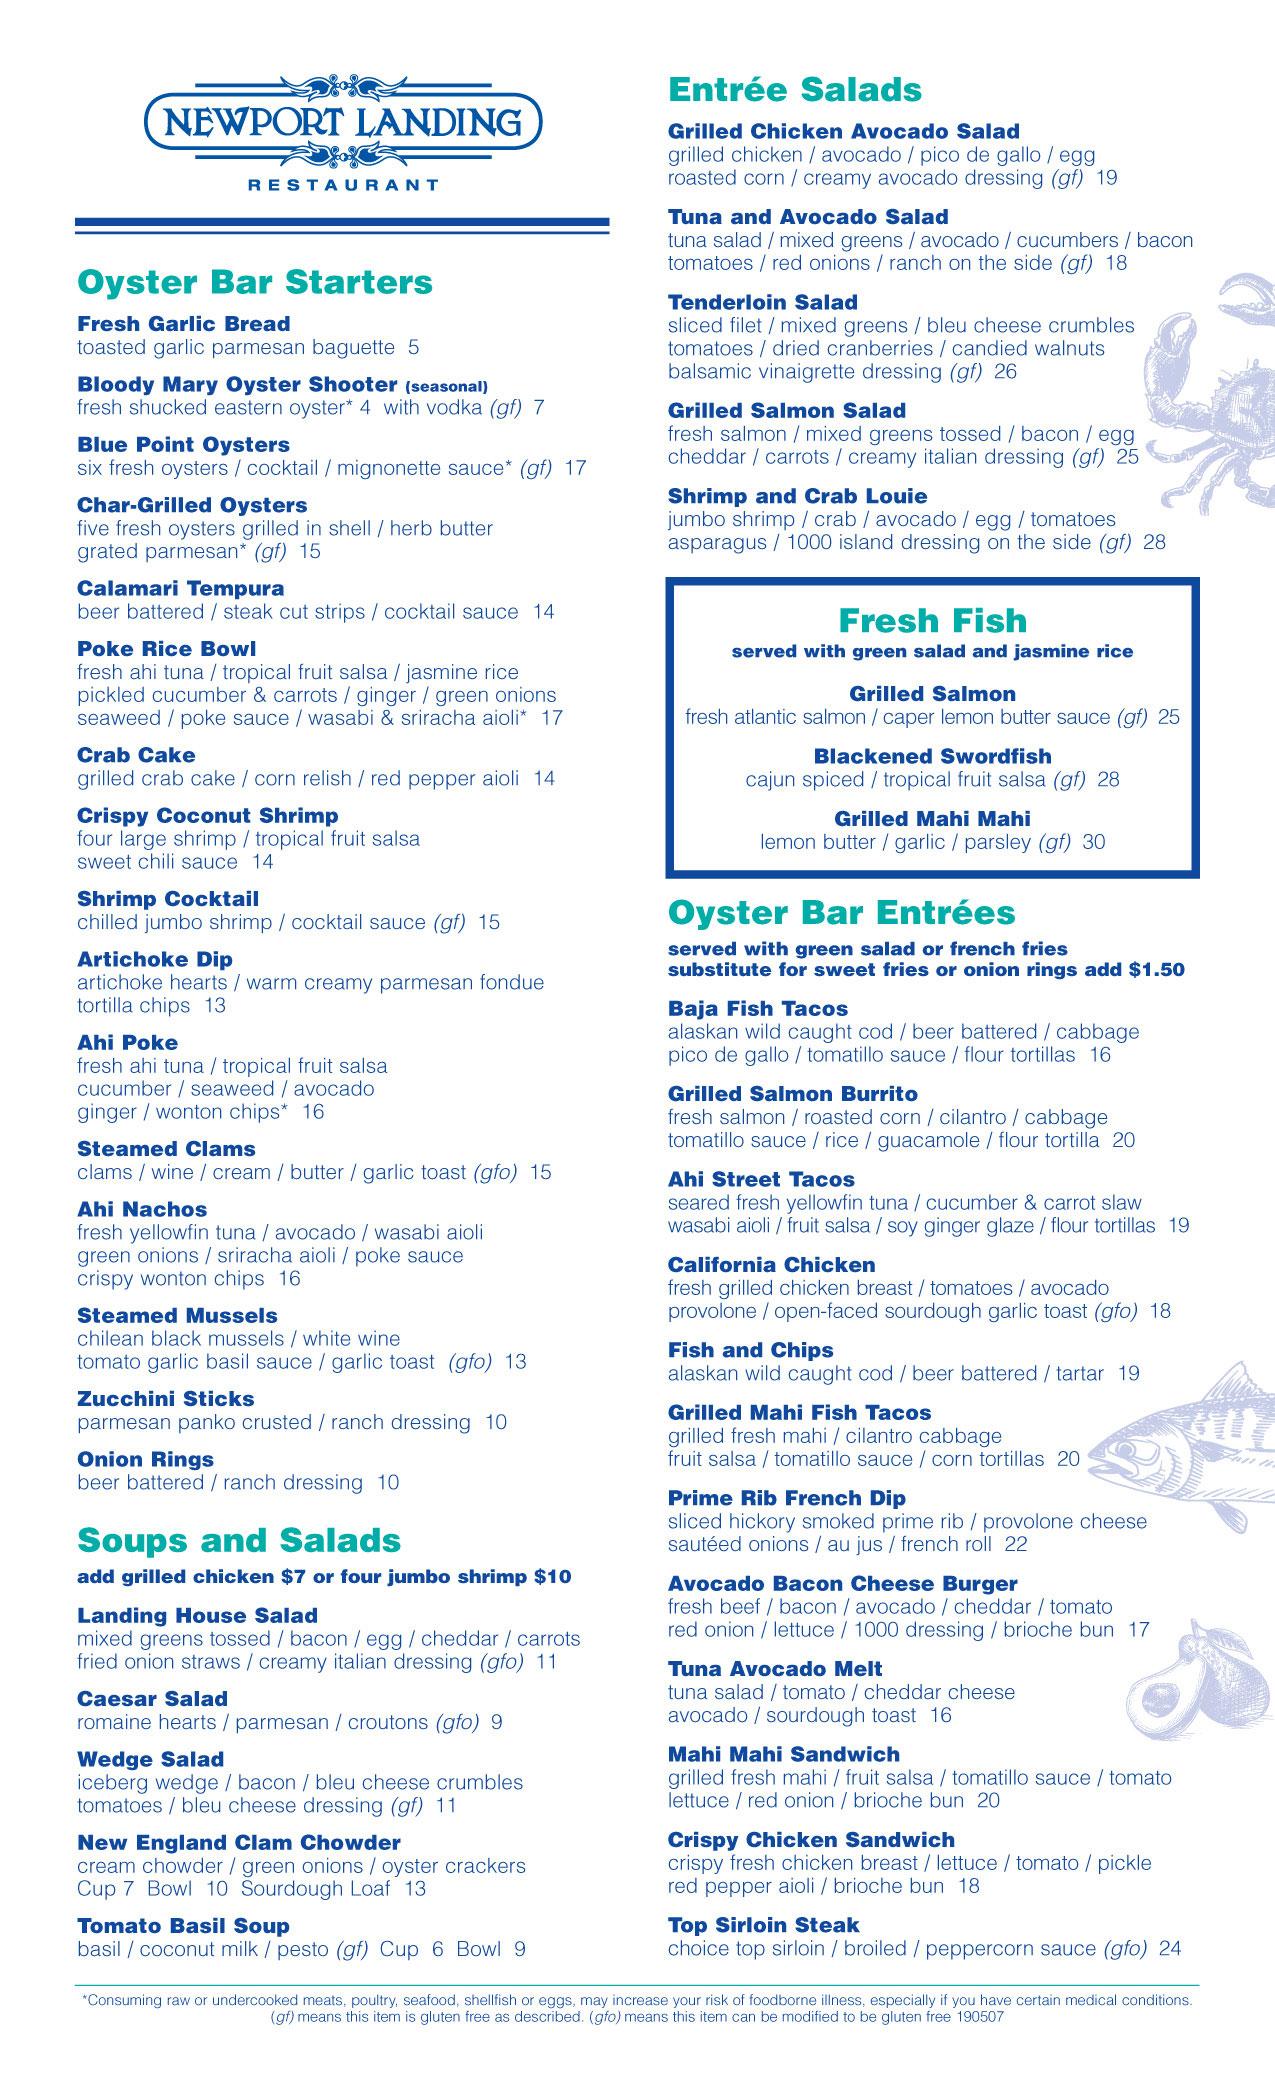 Oyster bar - Newport Landing